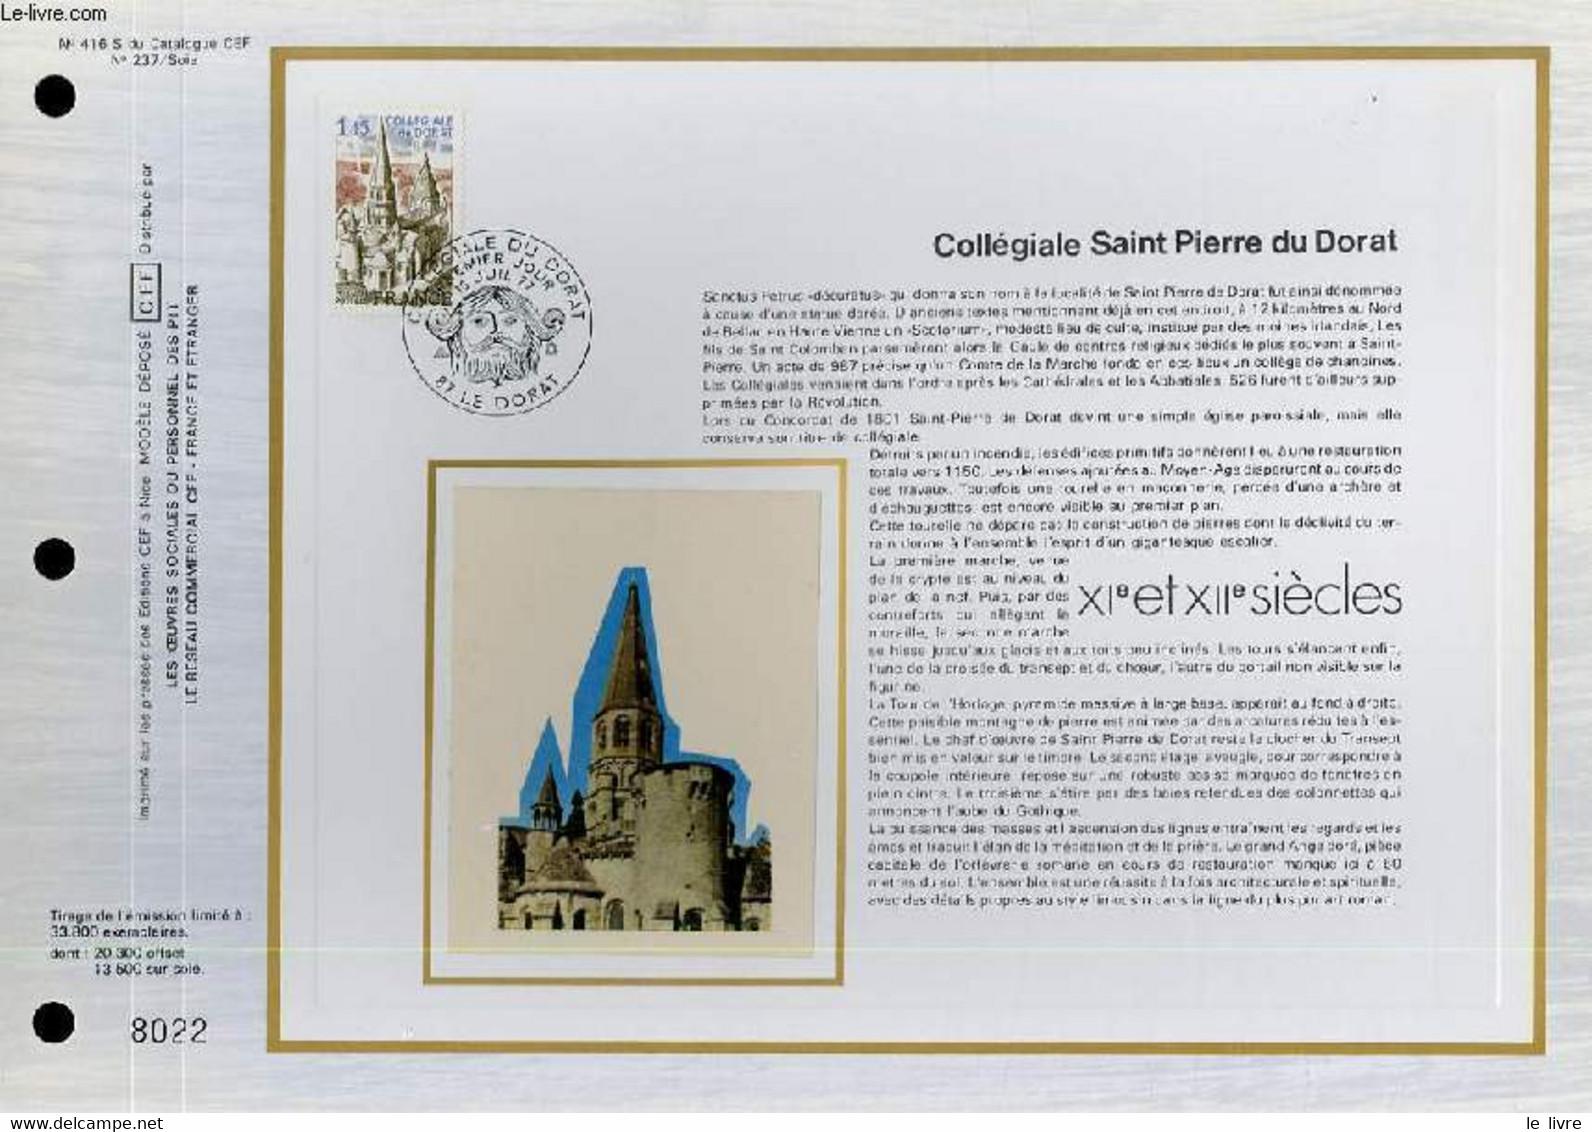 FEUILLET ARTISTIQUE PHILATELIQUE SUR SOIE - CEF - COLLEGIALE SAINT PIERRE DU DORAT - 11° ET 12° SIECLE - N° 416S - N°237 - Lettres & Documents